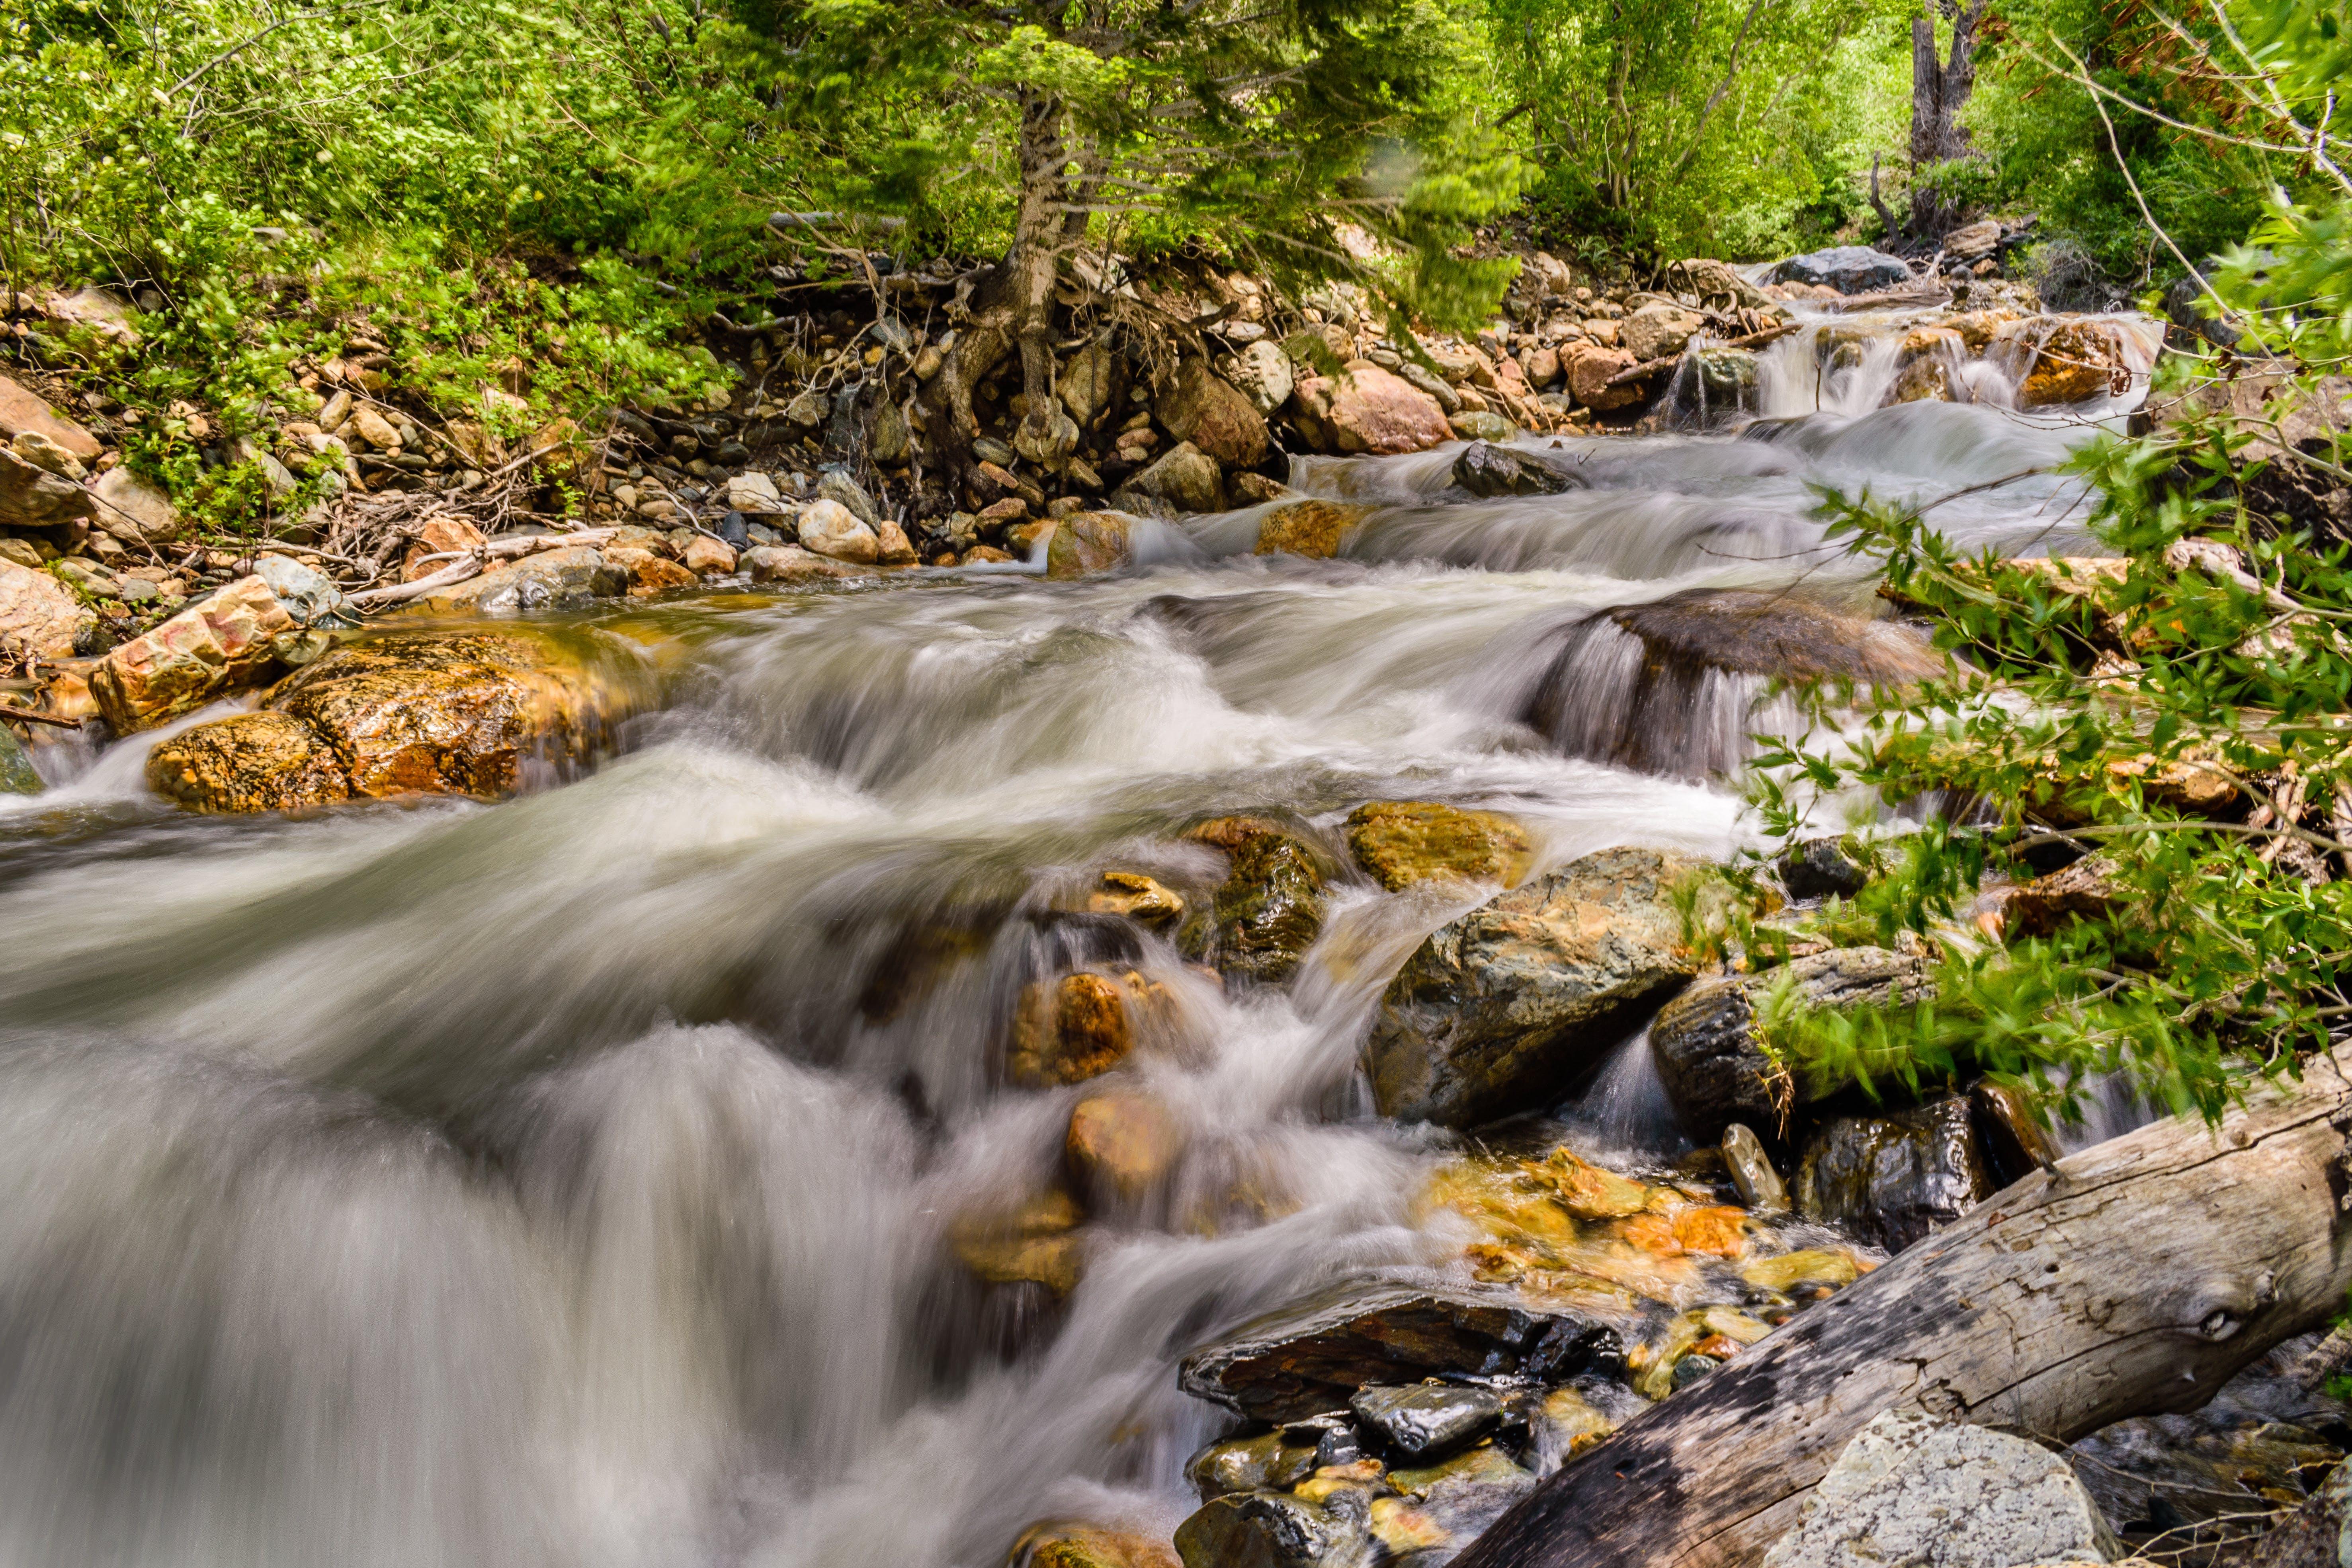 Immagine gratuita di acqua, flusso, foresta, lunga esposizione